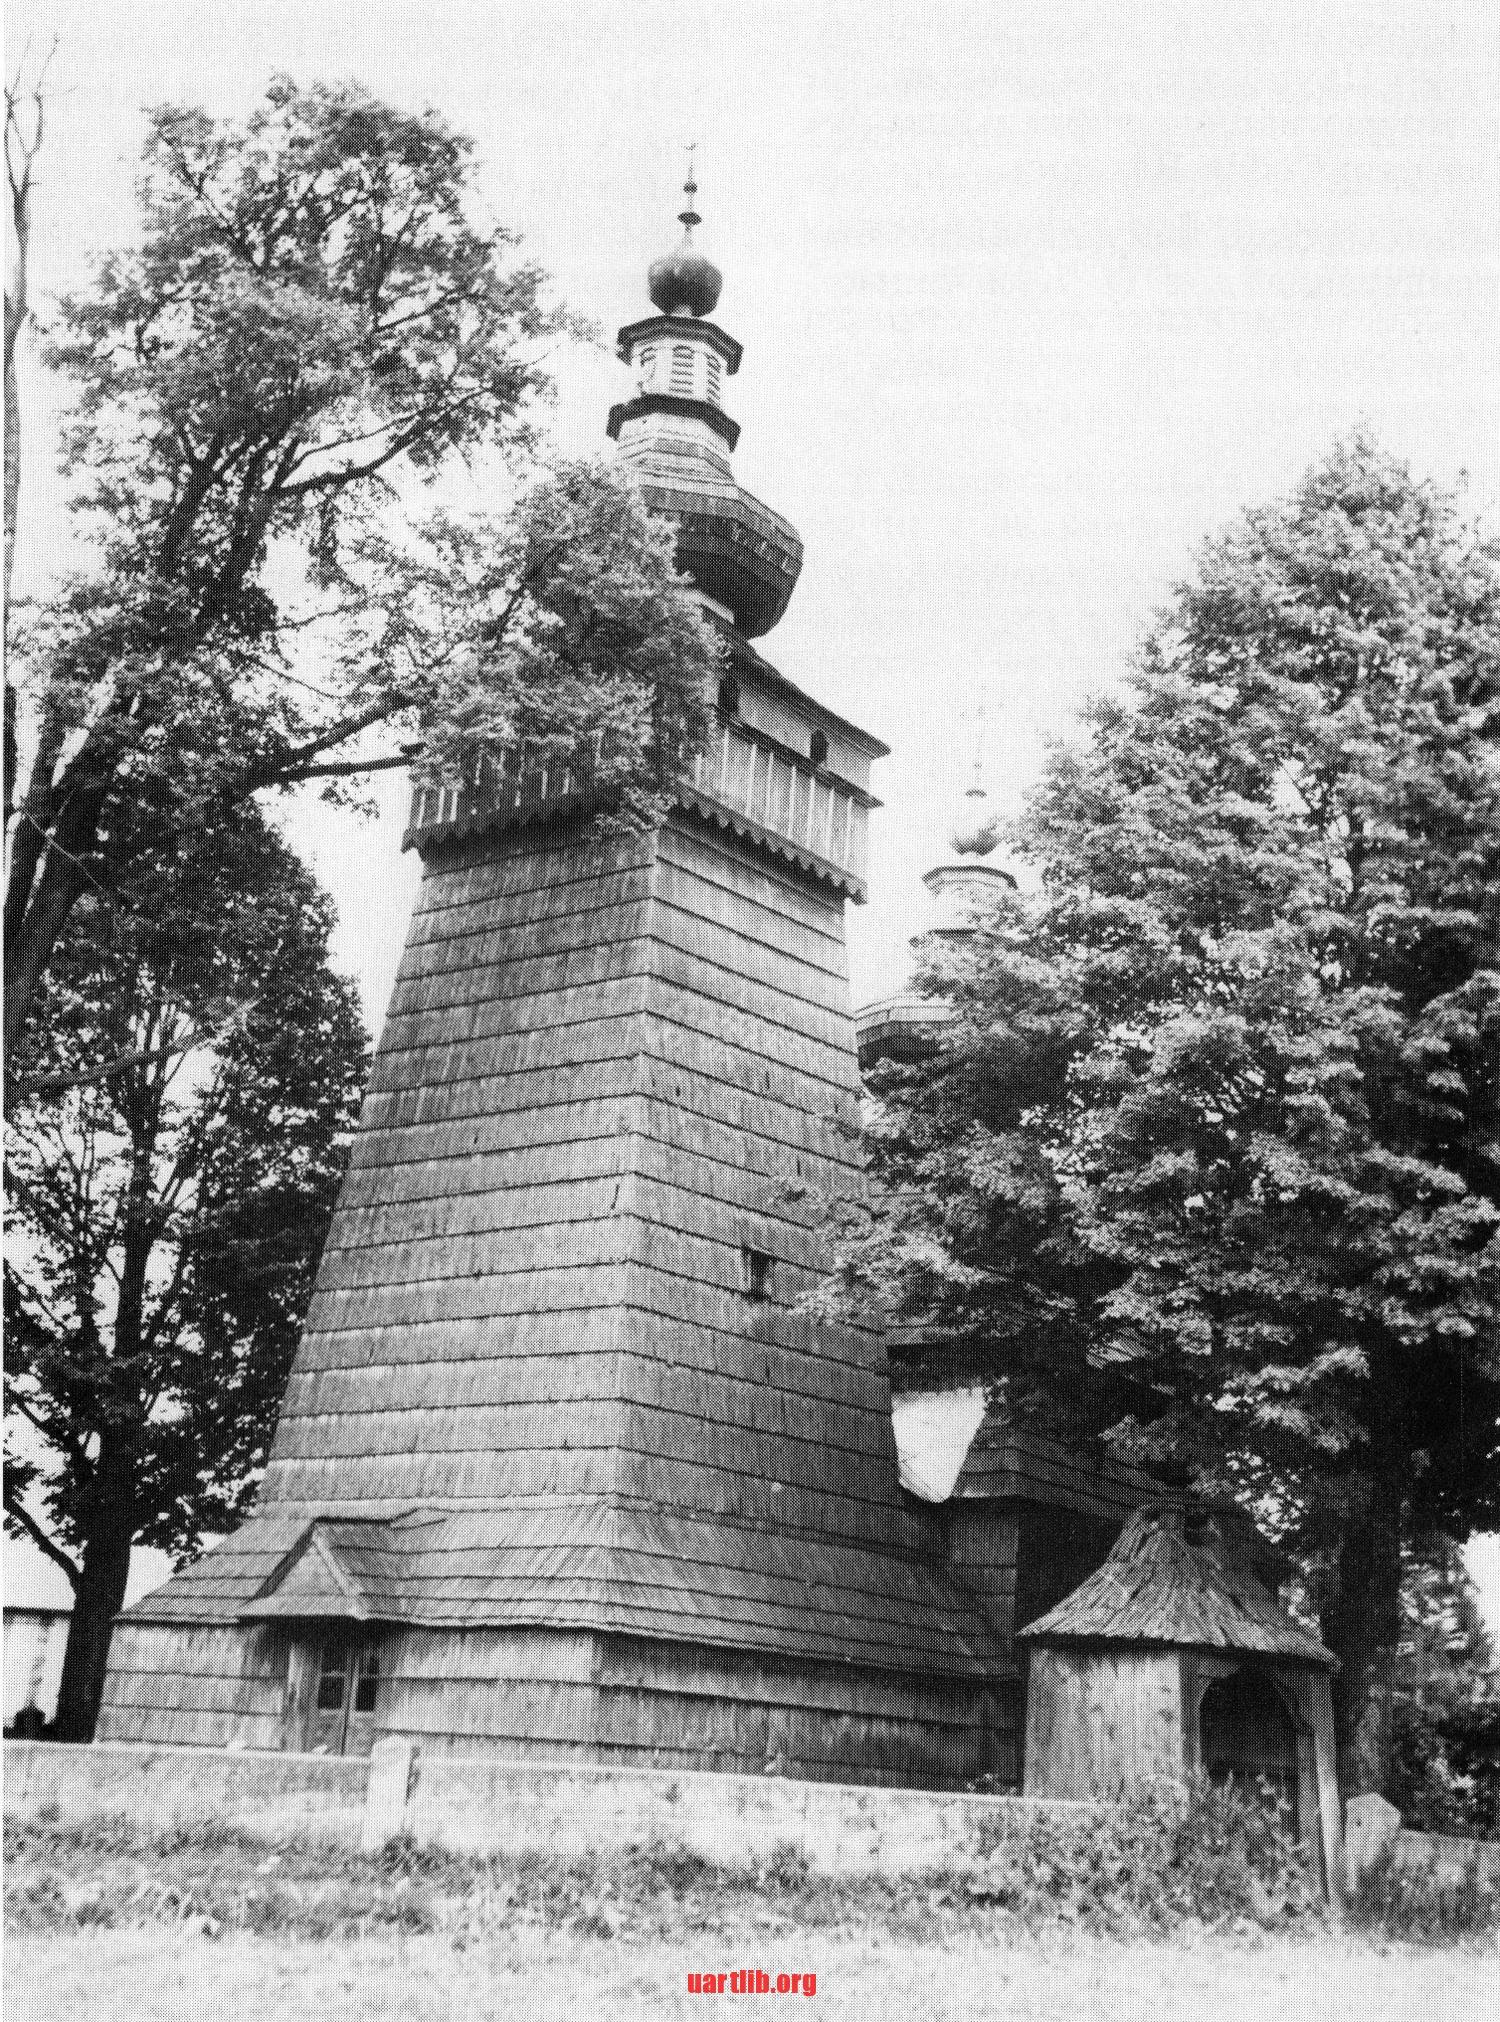 Церква в селі Квітонь, Лемківщина. Збудована у 1811 році